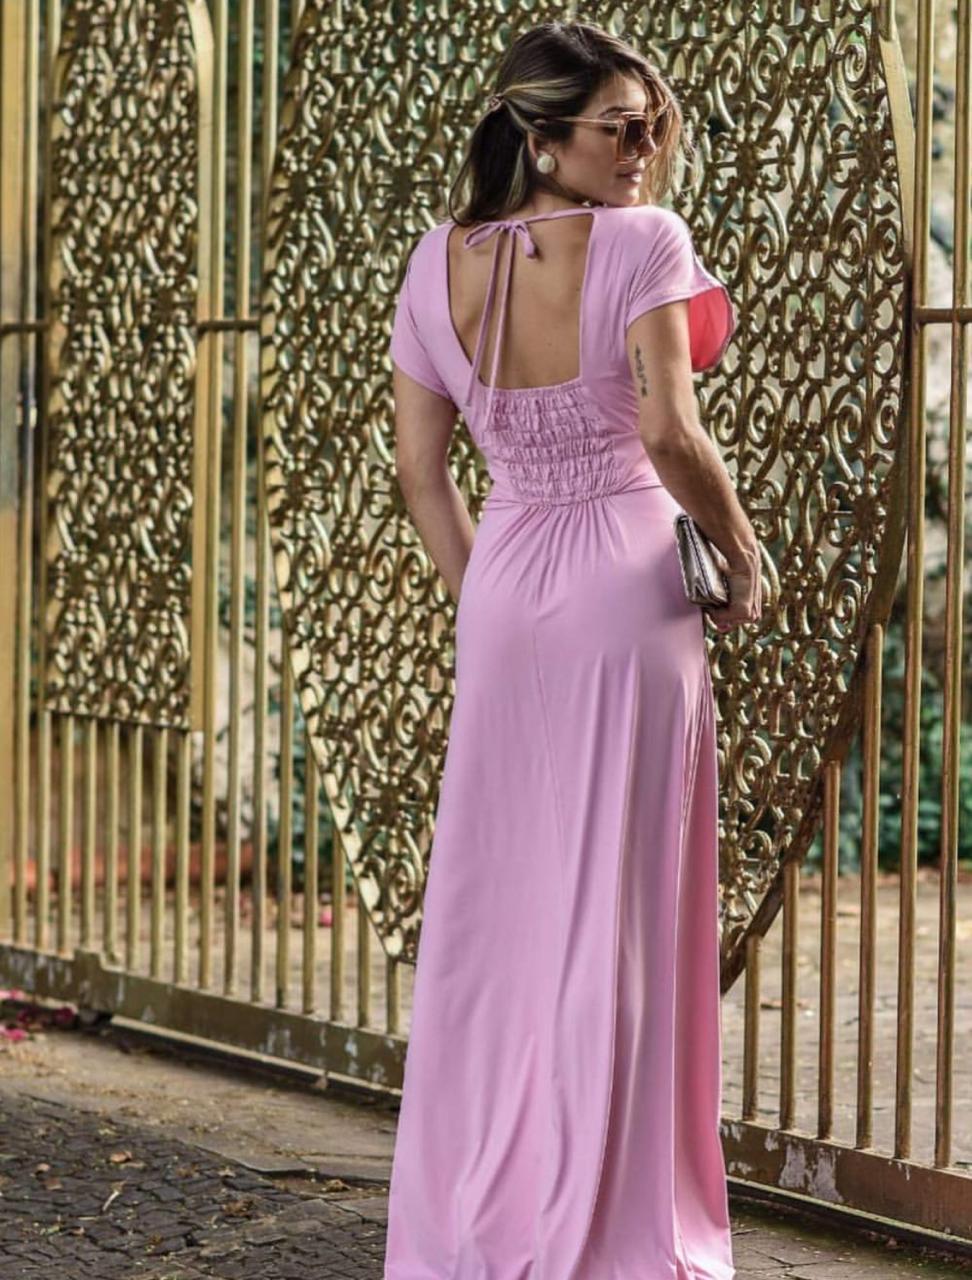 Vestido longo fluído na cor pink com manguinhas e decote V em tecido poliamida digital exclusivo. Tamanho único, veste do 38 ao 44.